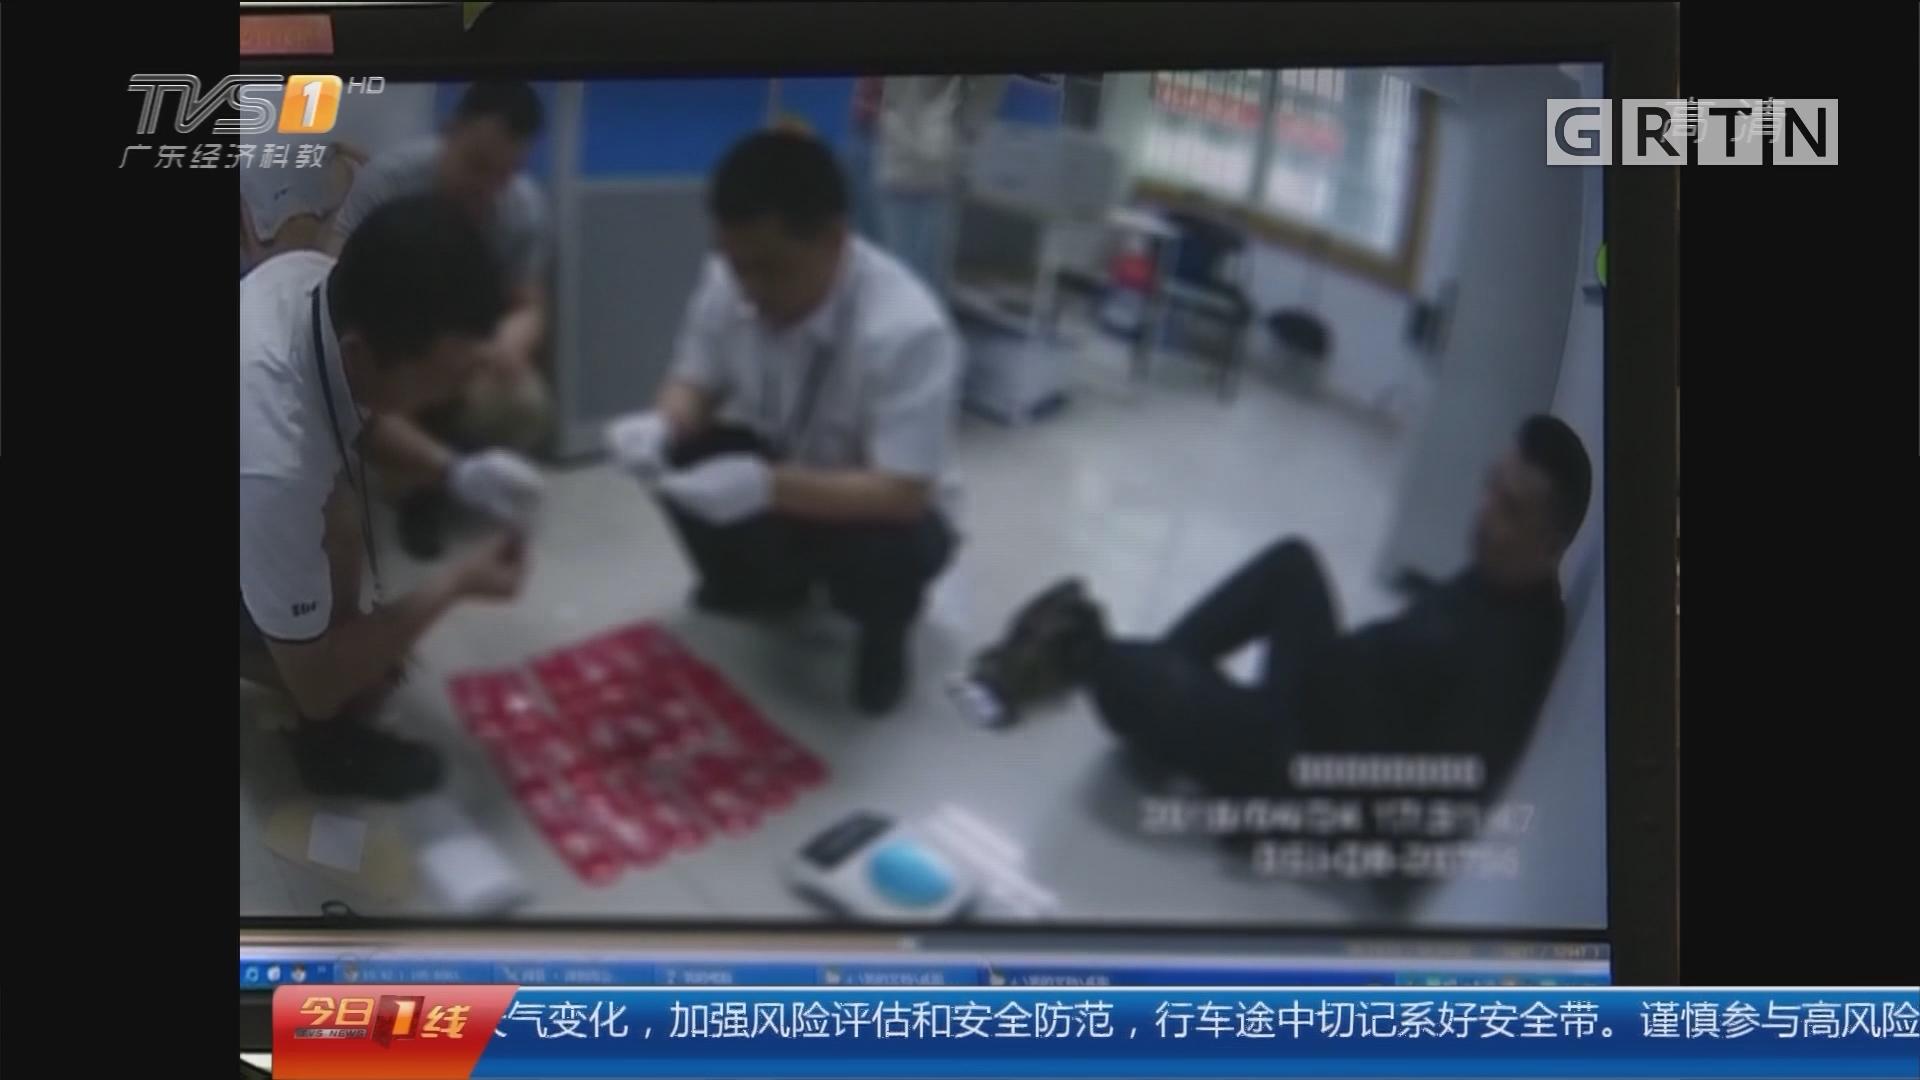 深圳:毒贩驾车拒捕 民警果断枪击轮胎